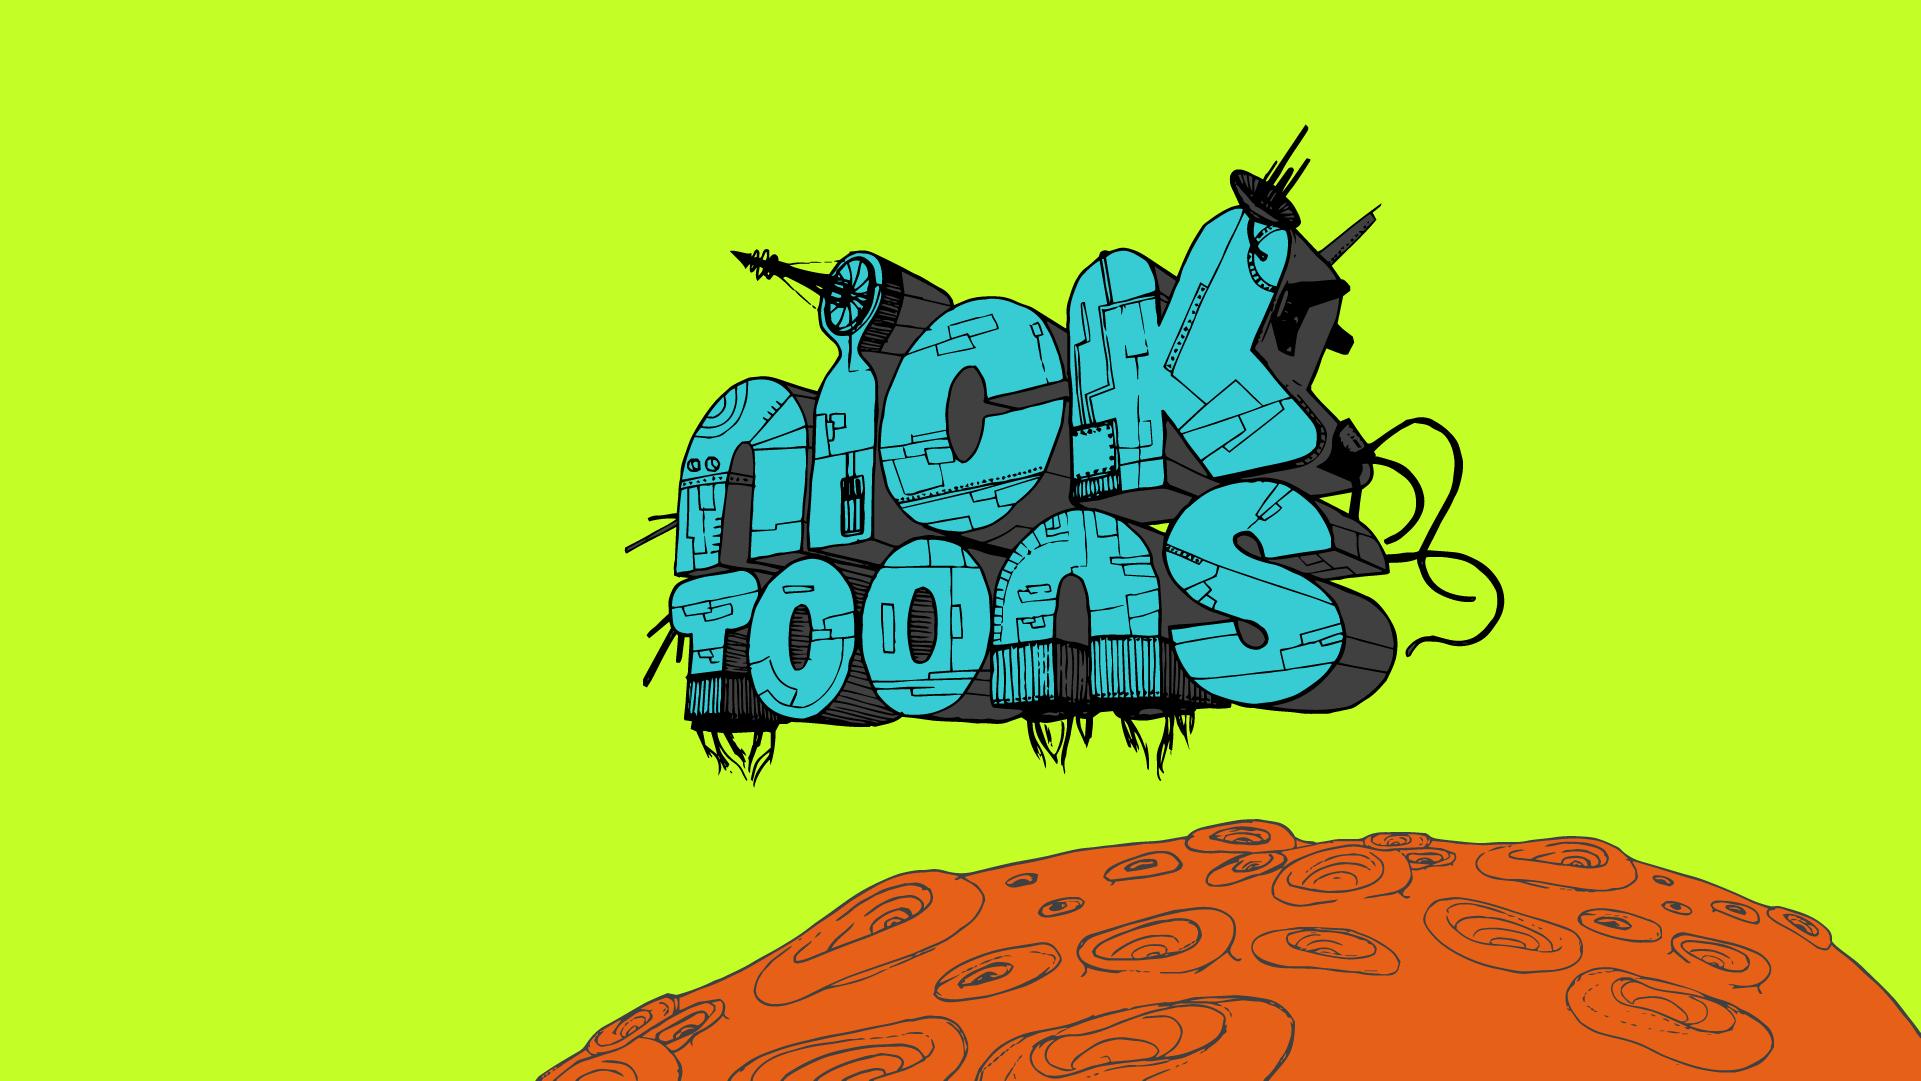 Nicktoons_ID_Spaceship_01.png